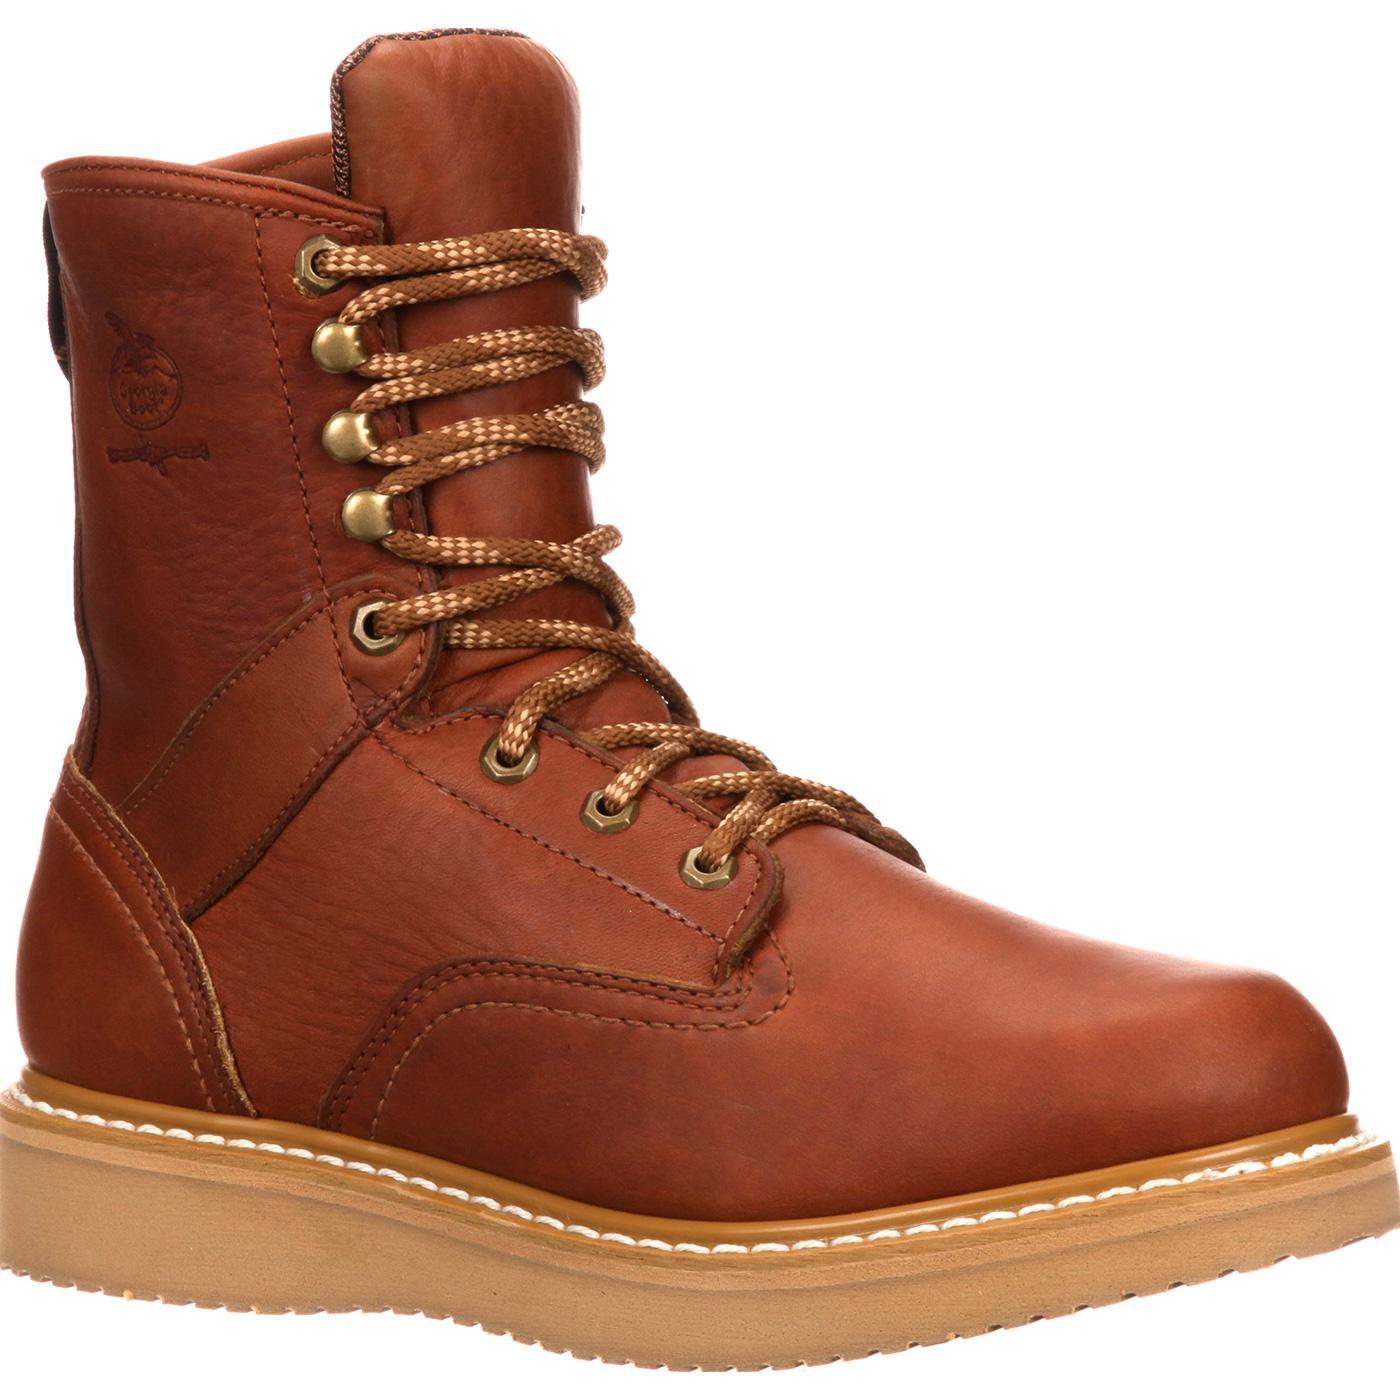 3817d3a5a7f Georgia Boot Wedge Work BootGeorgia Boot Wedge Work Boot